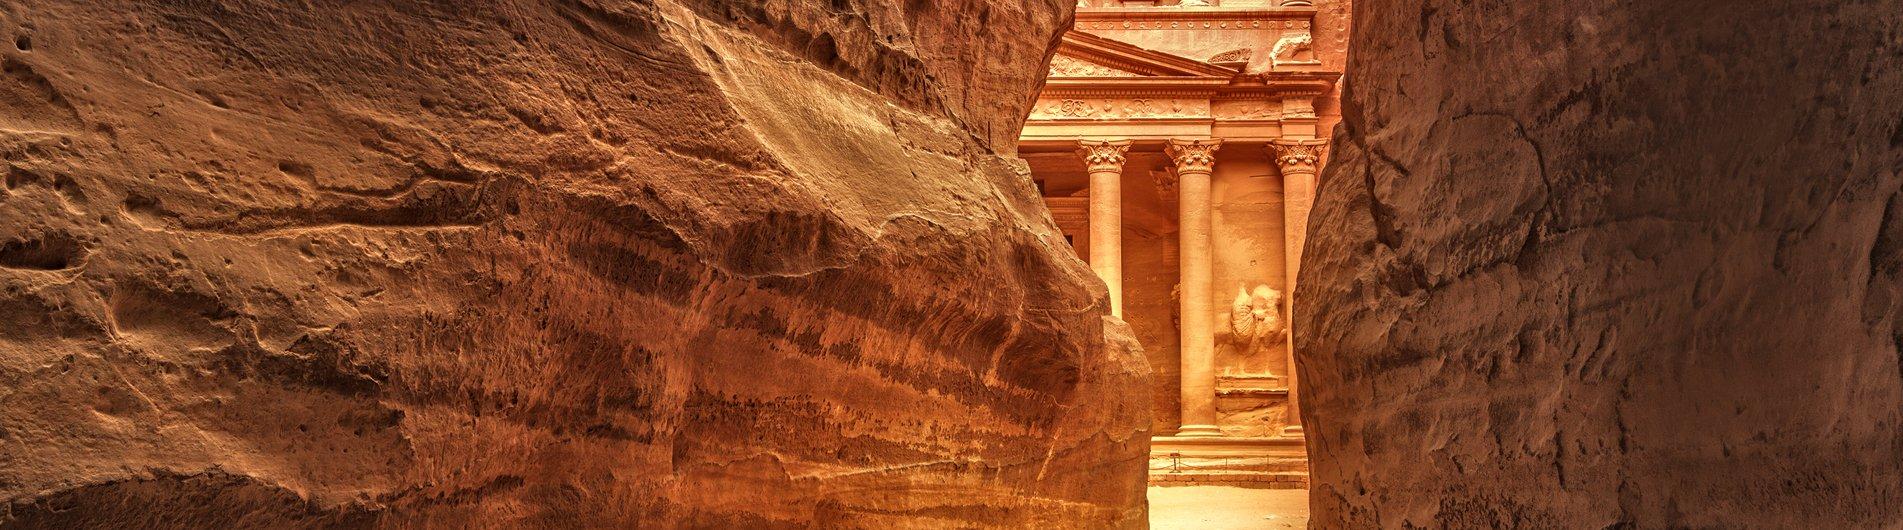 Guided Tours in Jordan